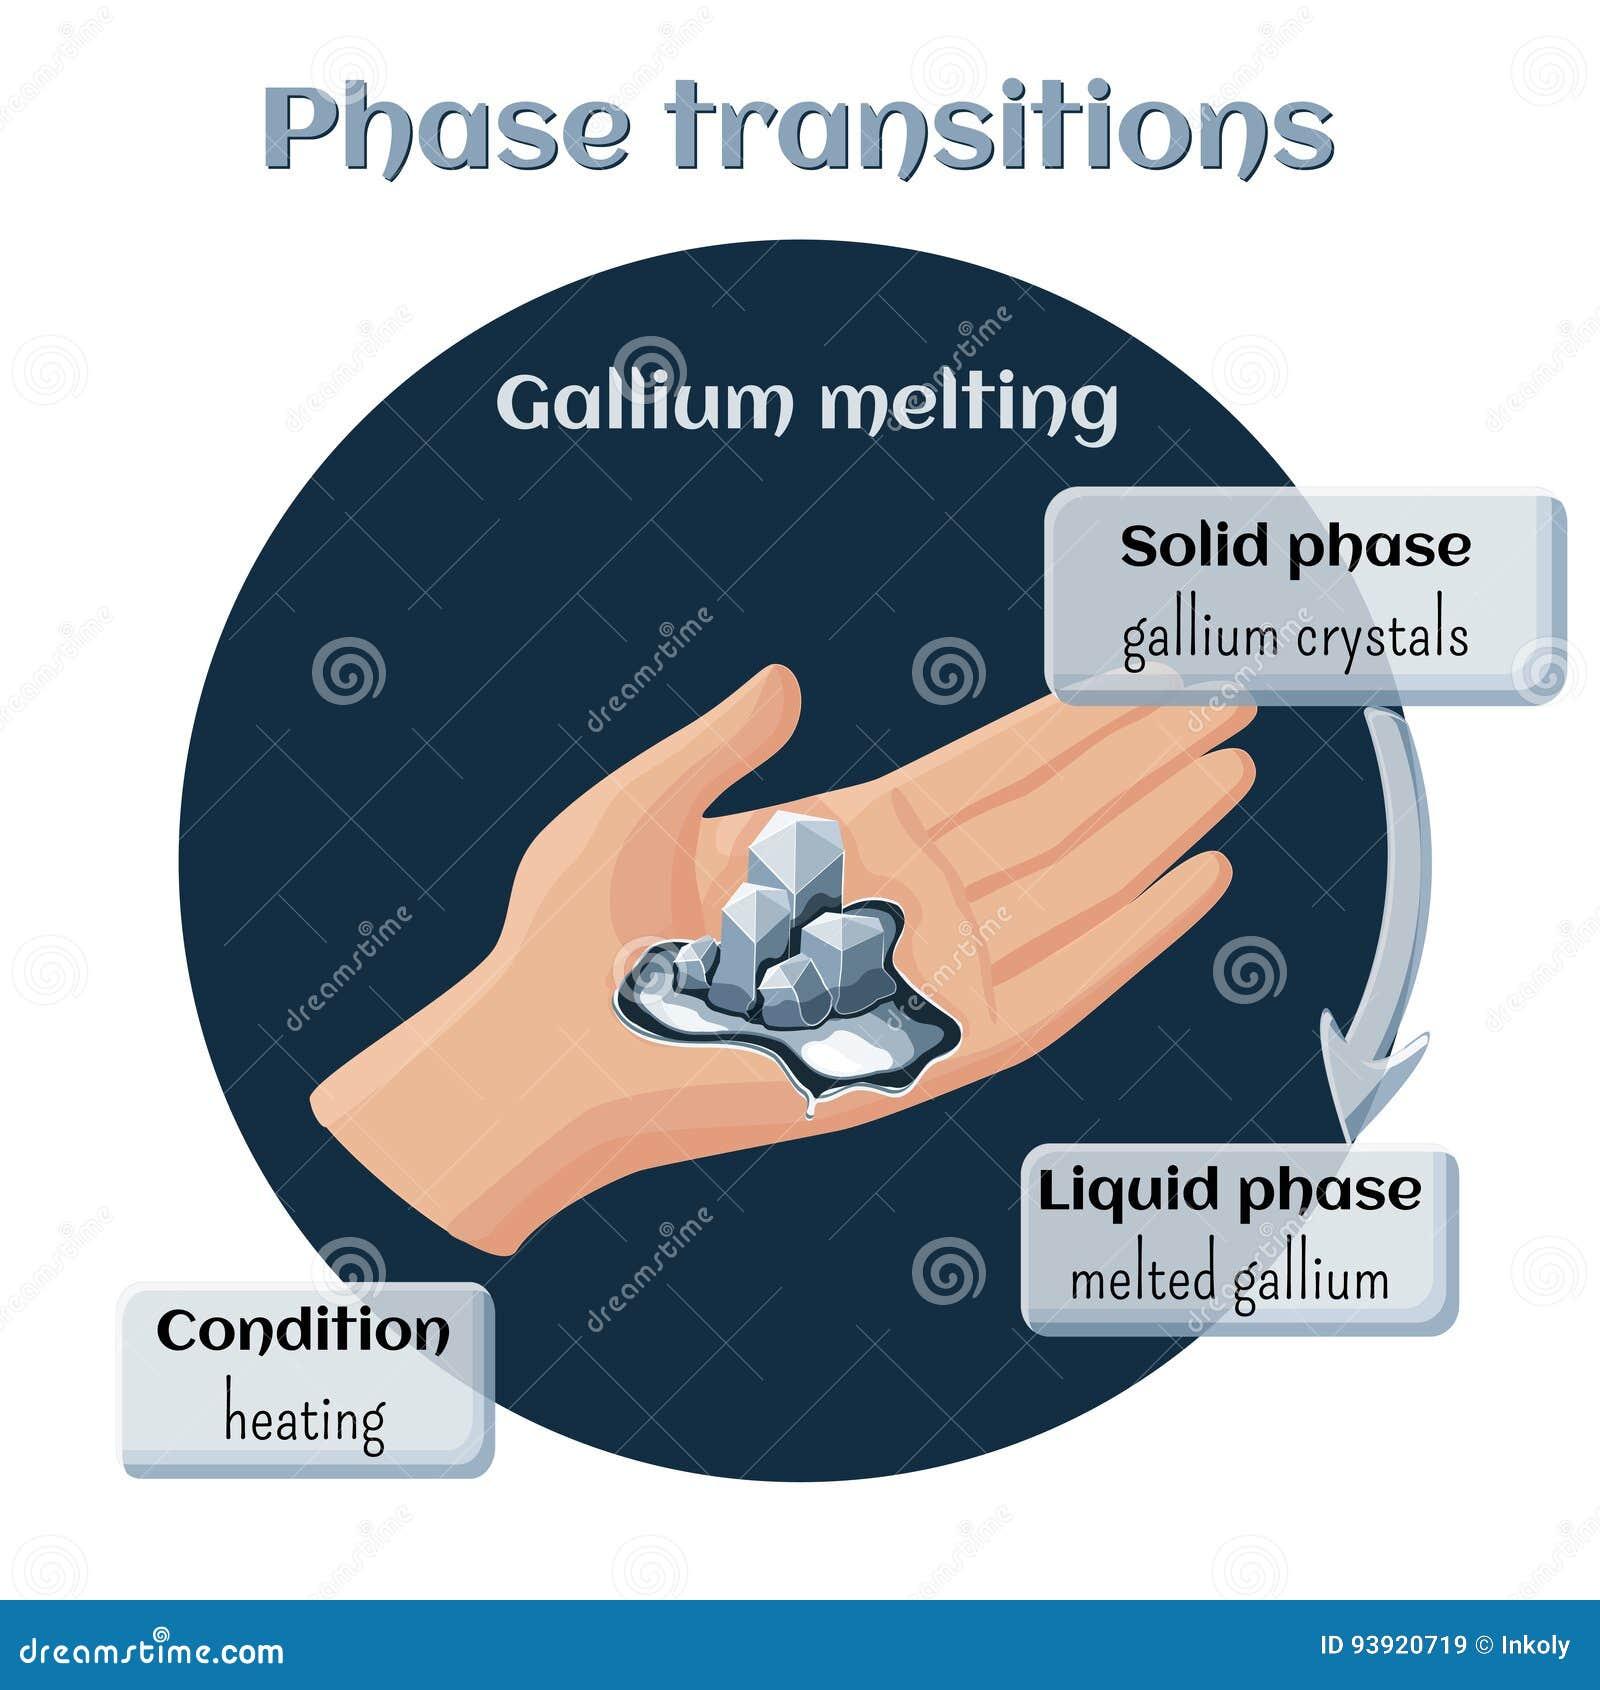 Is Gallium Solid At Room Temperature